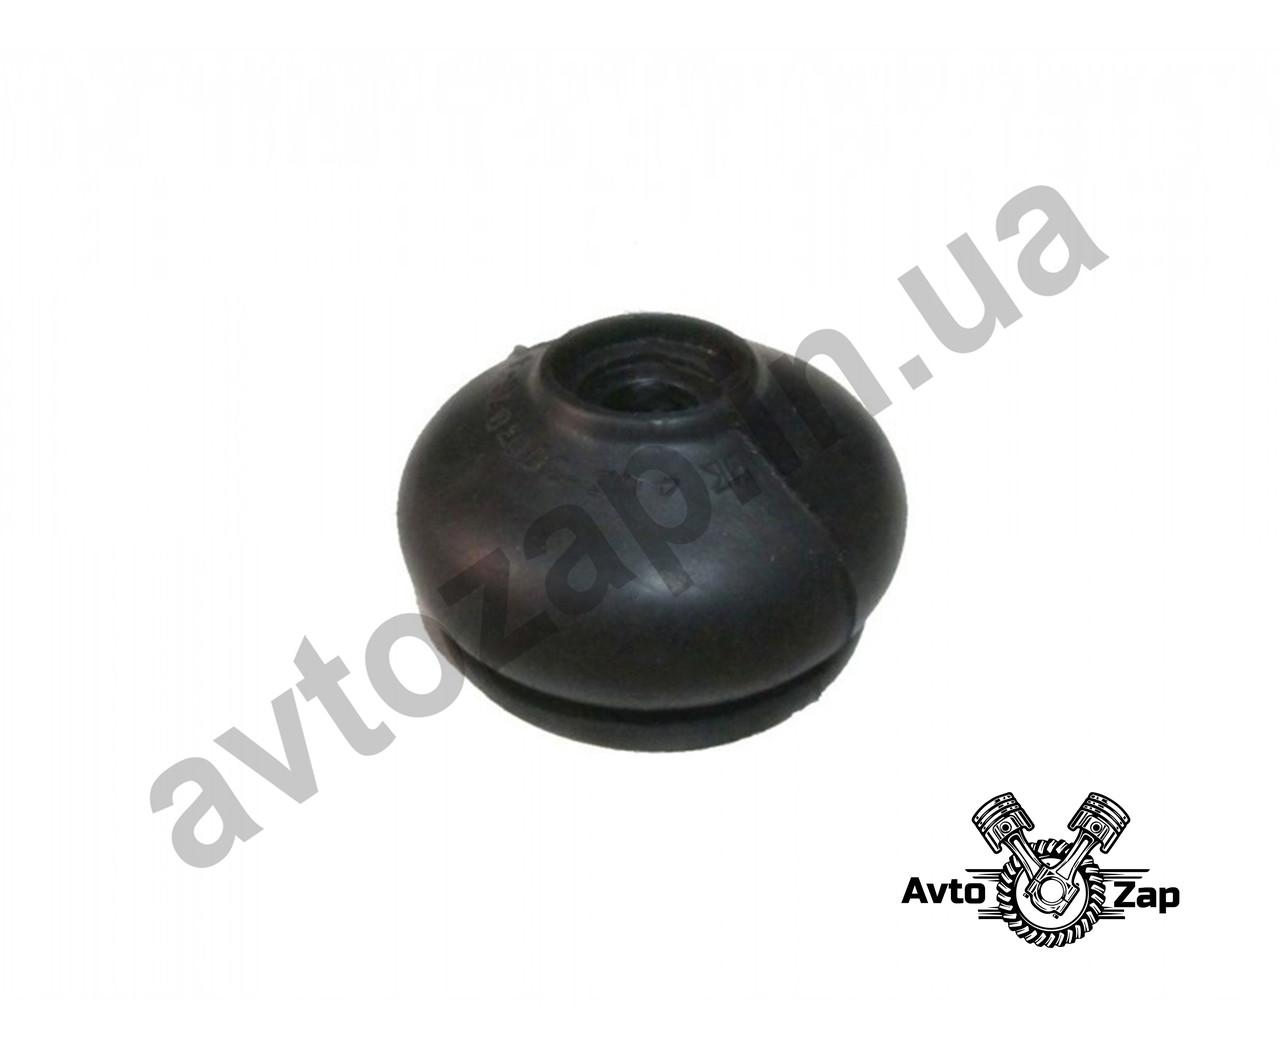 Пыльник рулевого пальца Москвич 412 ВРТ